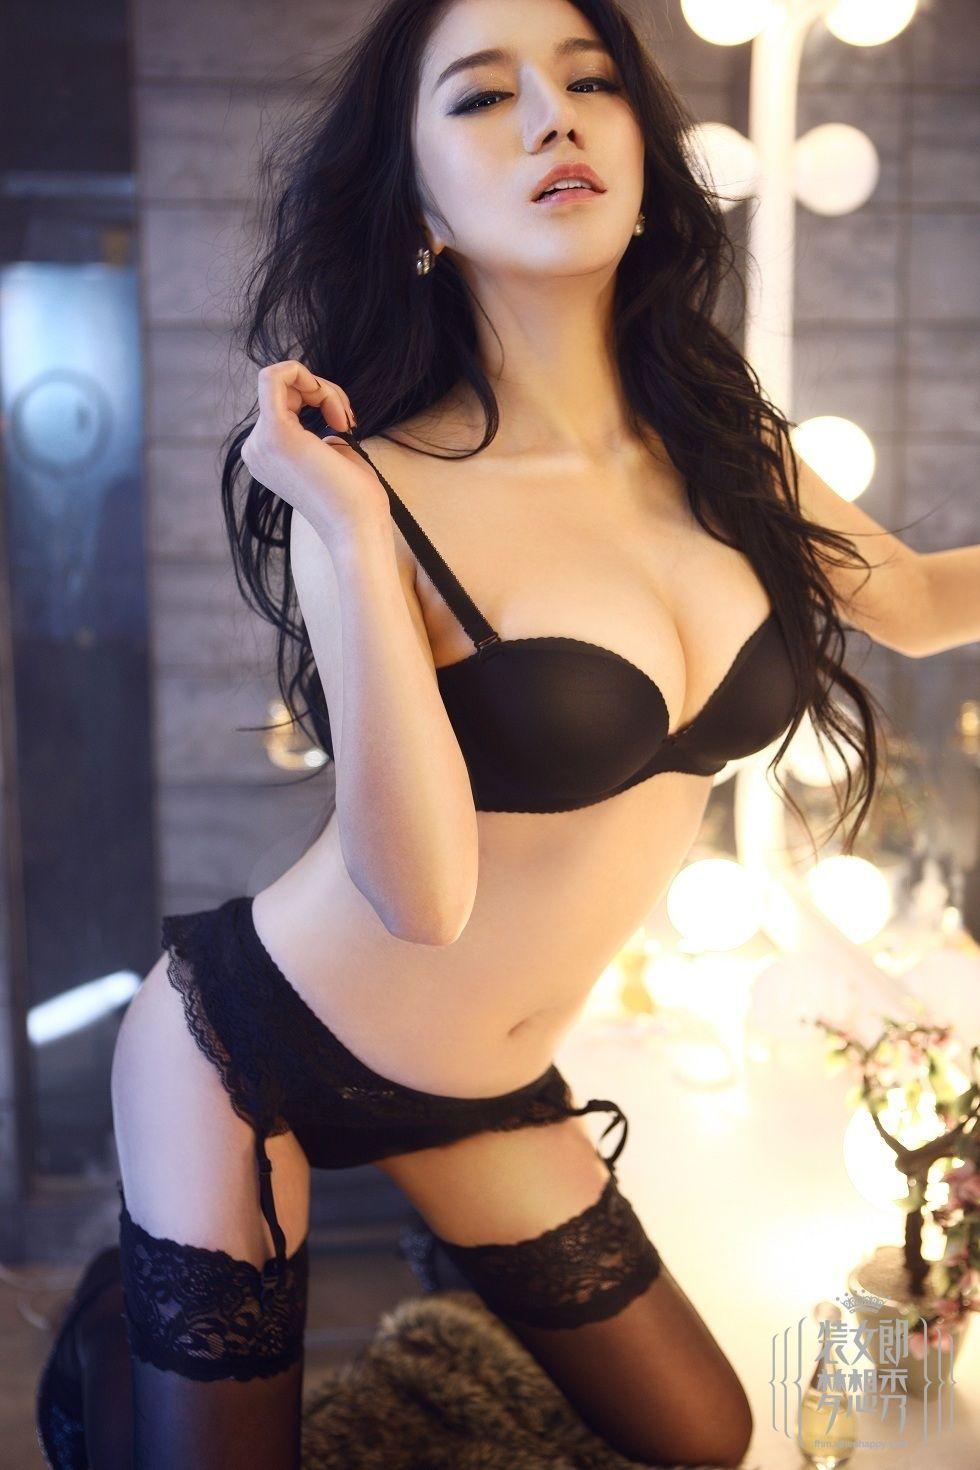 Amateur hot bikini